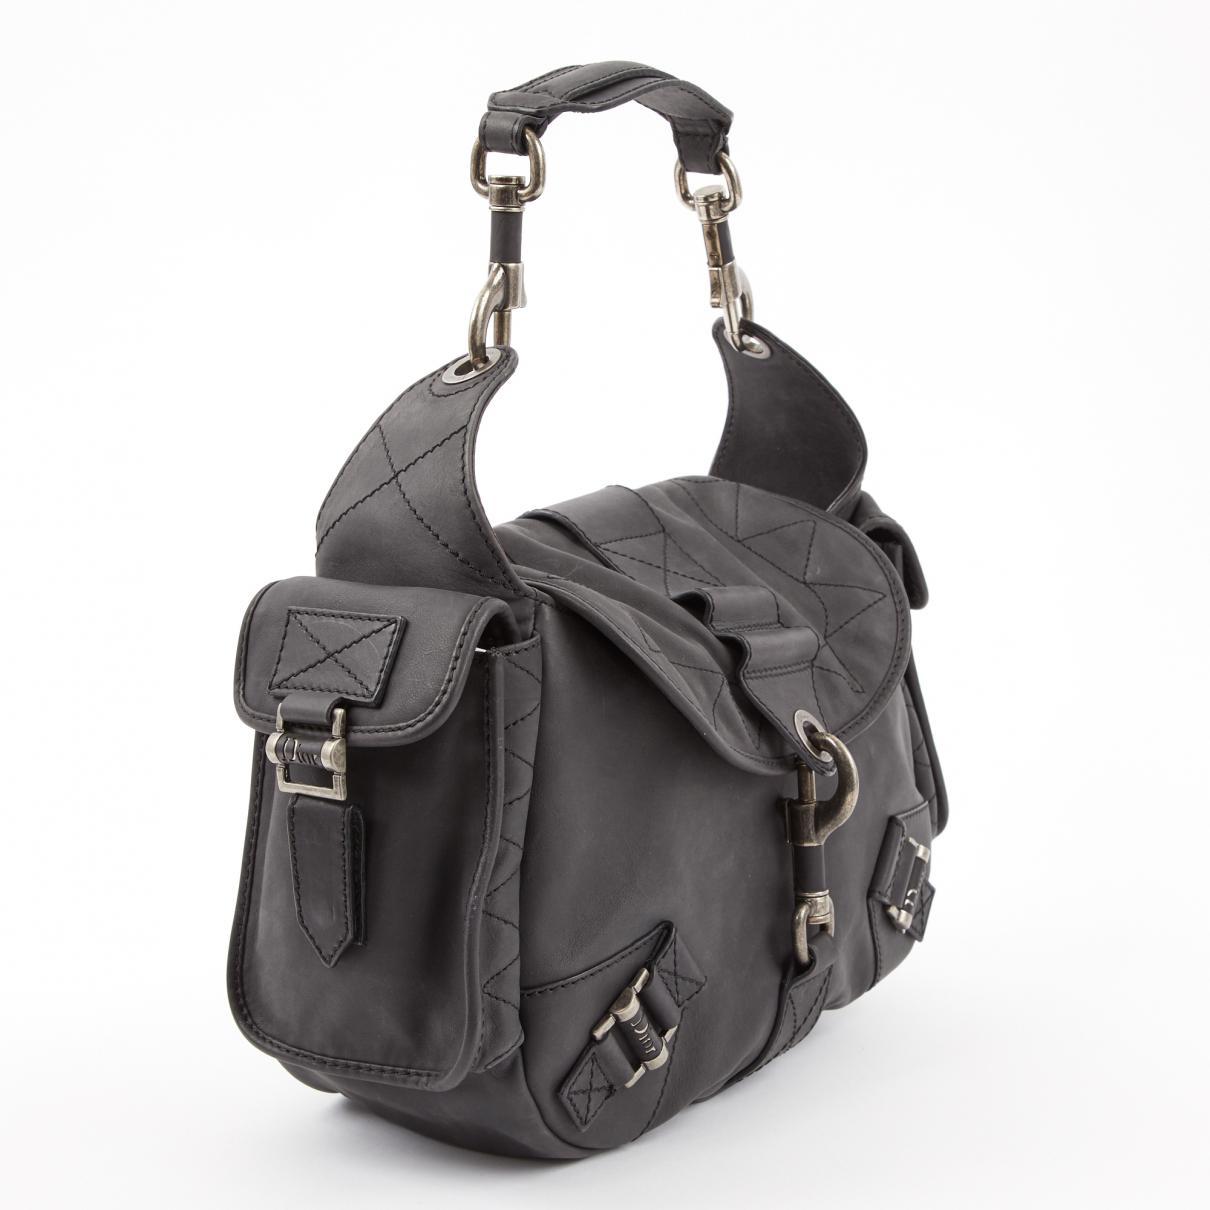 ce9bb6ffa1c6 Dior Vintage Grey Leather Handbag in Gray - Lyst